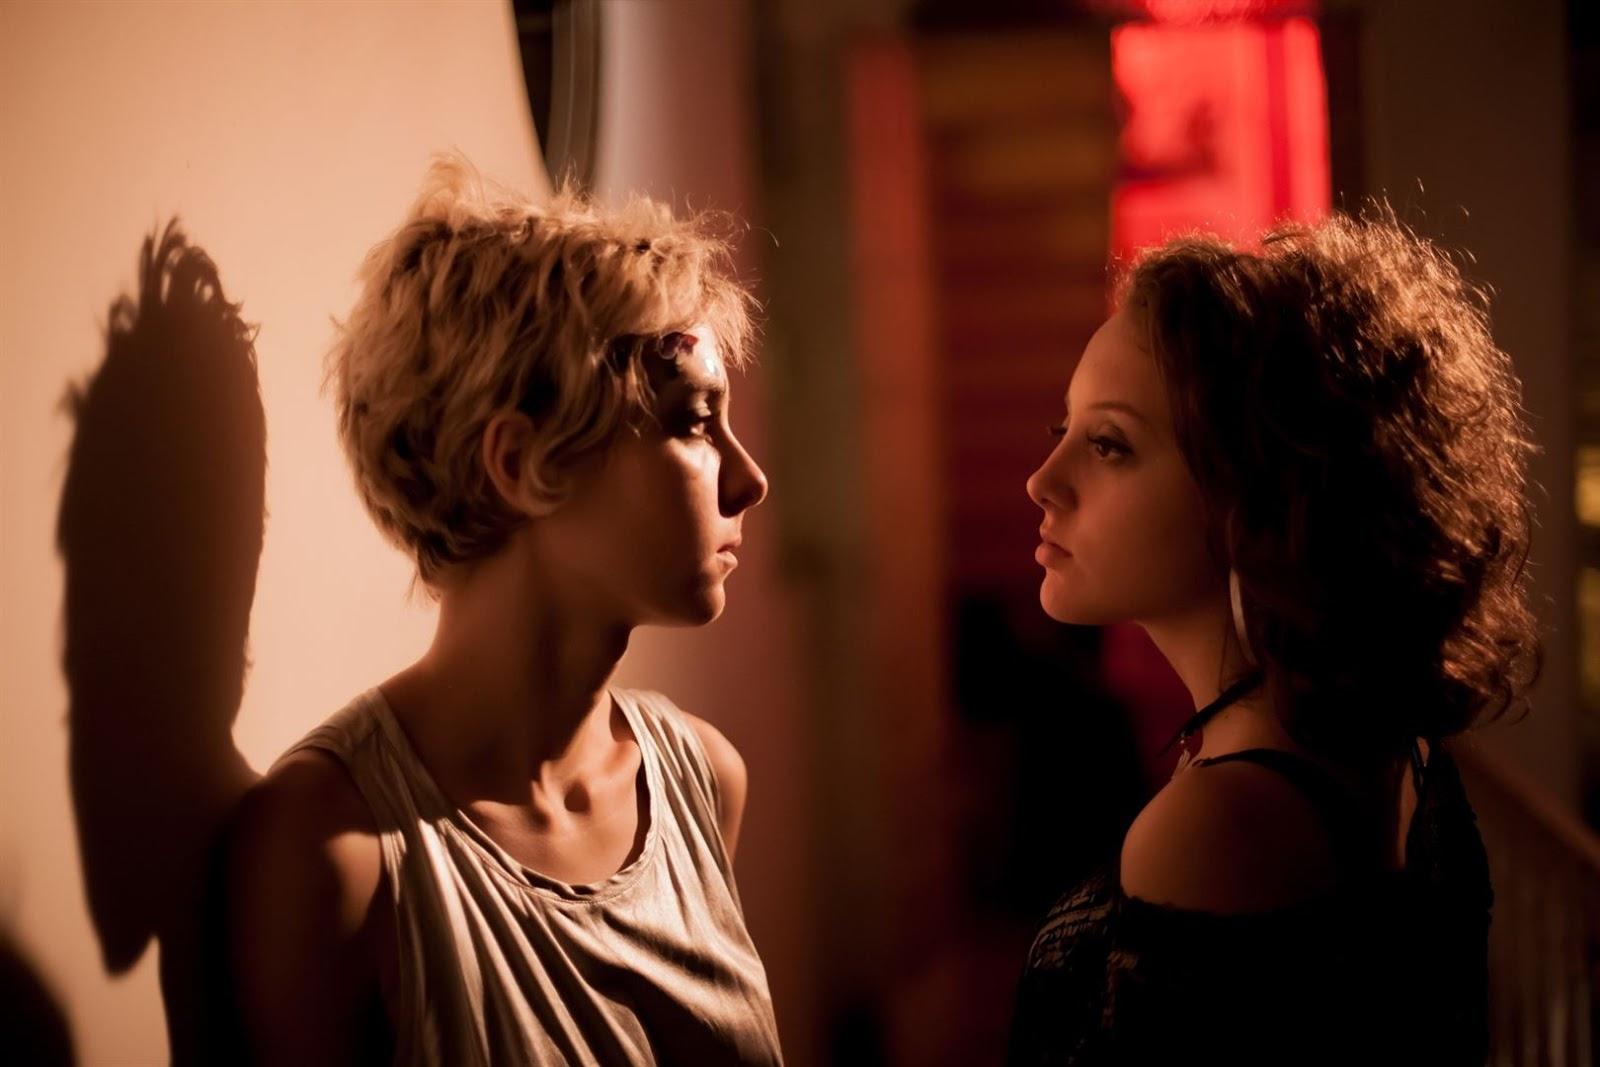 """Emília (Ana Clara Ligeiro) e Luana (Eduarda Fernandes) em cena do filme """"Luna"""""""